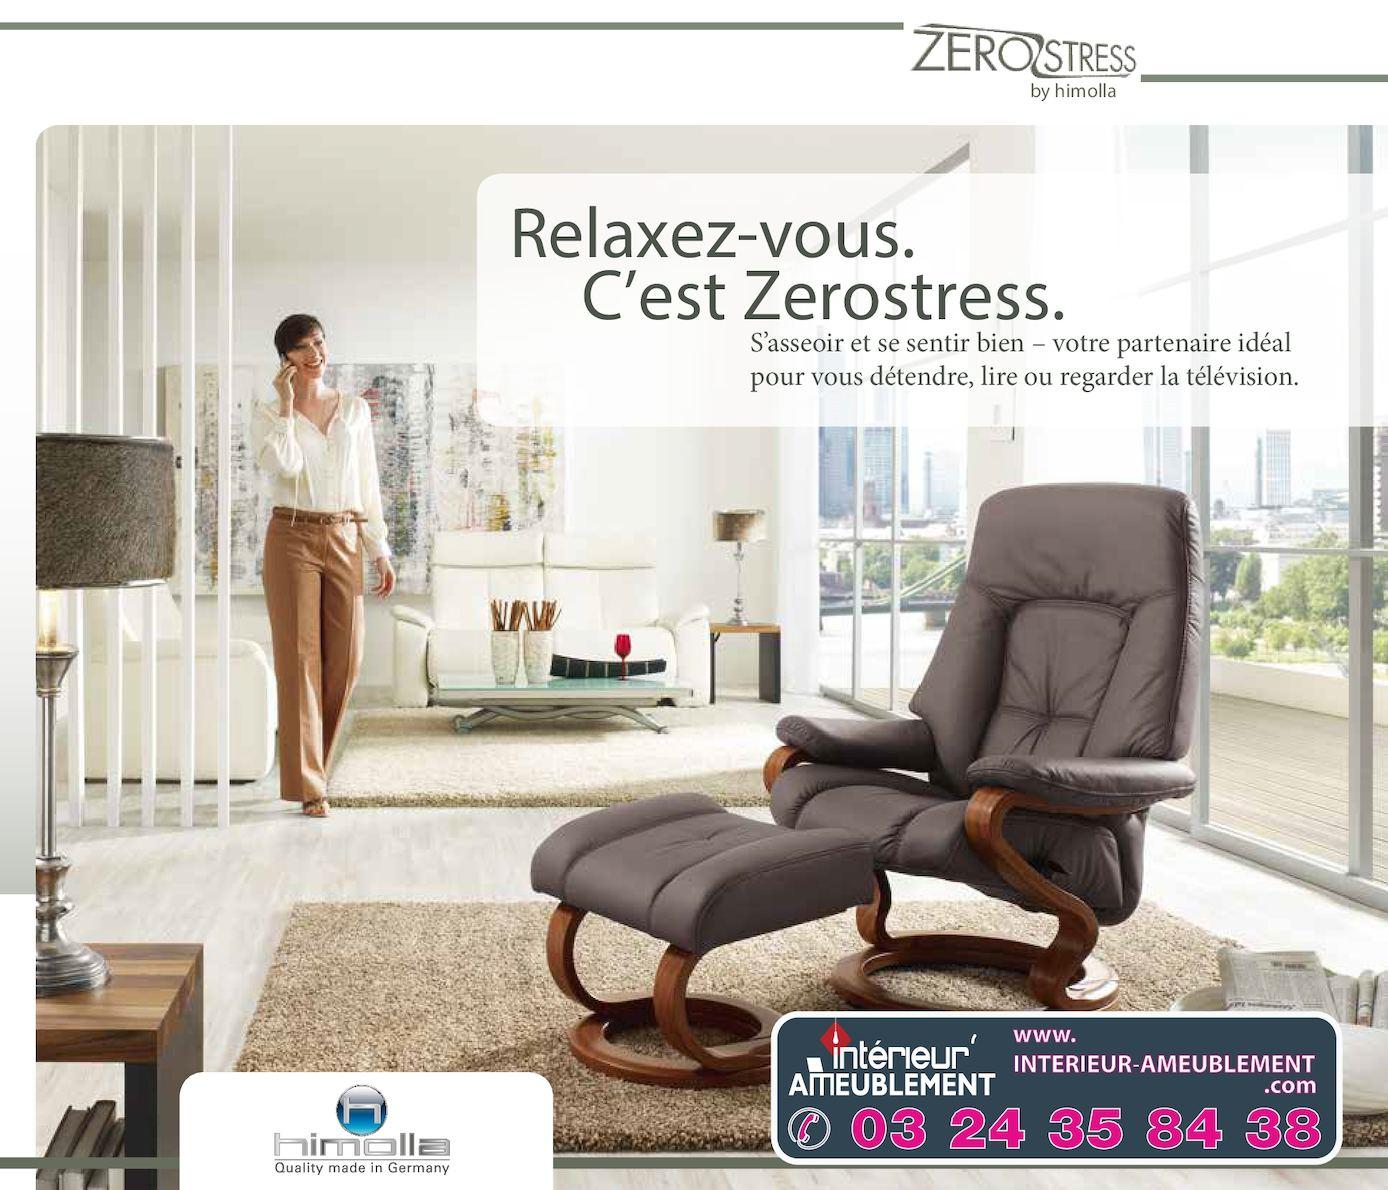 calam o himolla zerostress. Black Bedroom Furniture Sets. Home Design Ideas